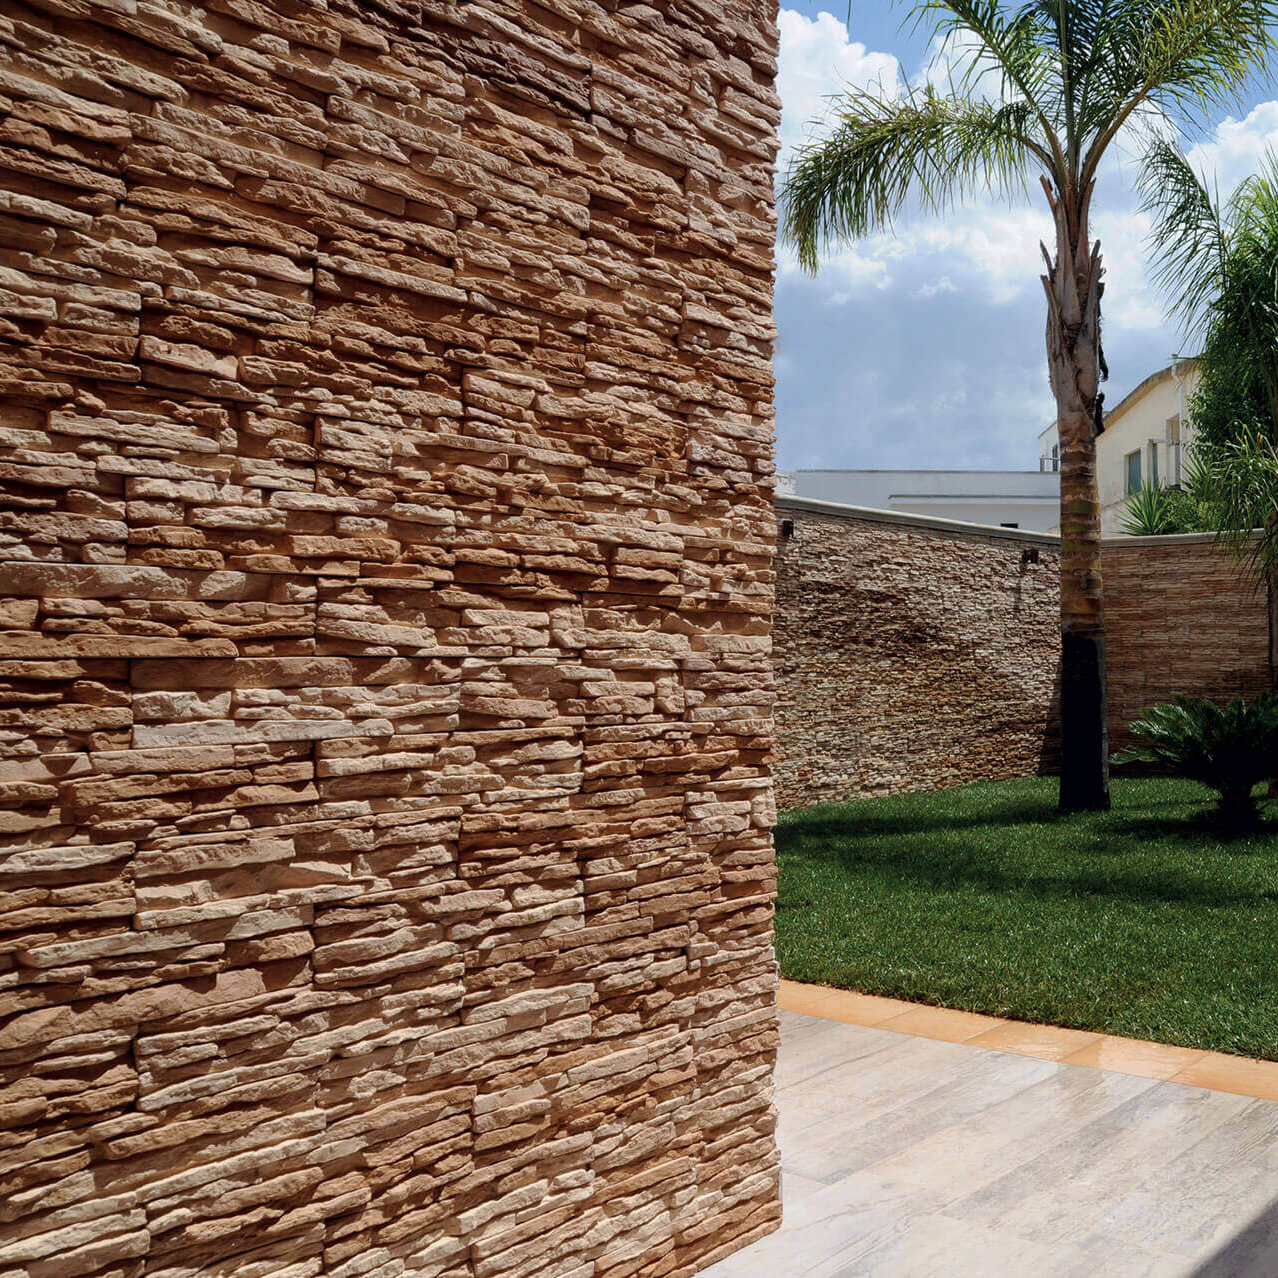 Rivestimento interno esterno in pietra ricostruita primiceri lastre da 10x45 cm ebay - Rivestimento interno in pietra ...